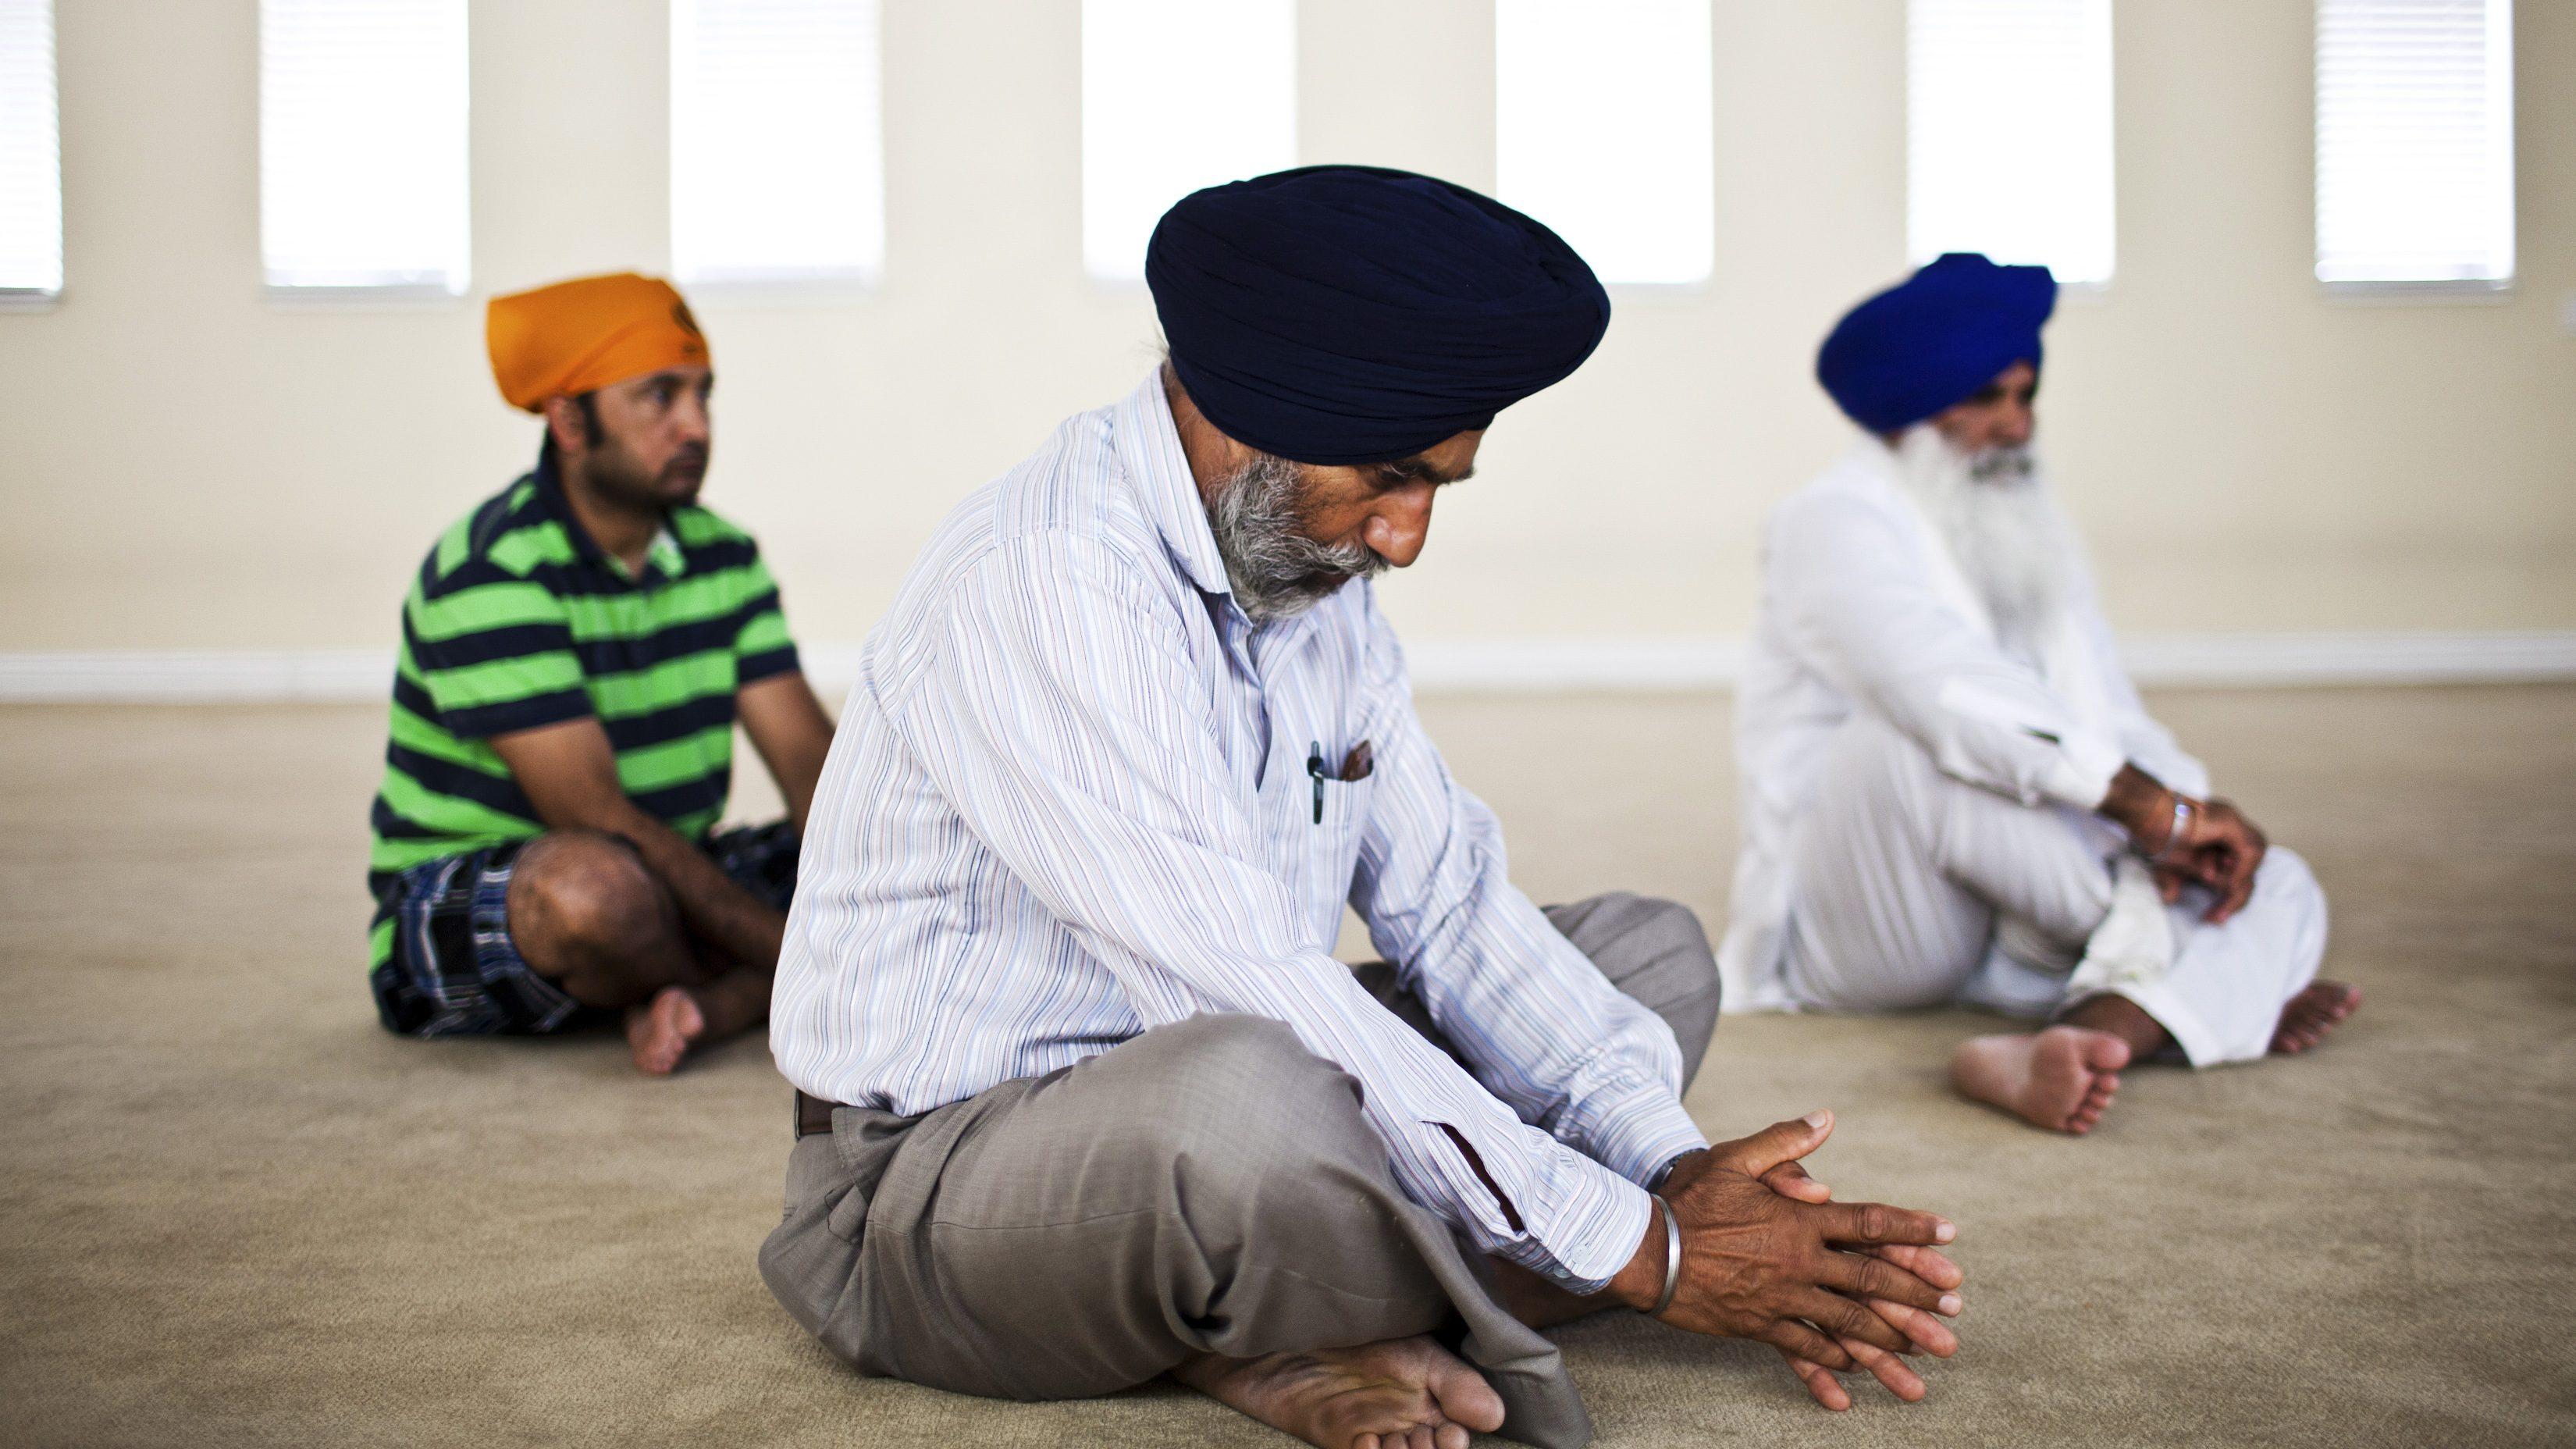 Randhir Singh prays at the Sikh Temple Gurdwara Sri Sachkand Sahib in Roseville, California